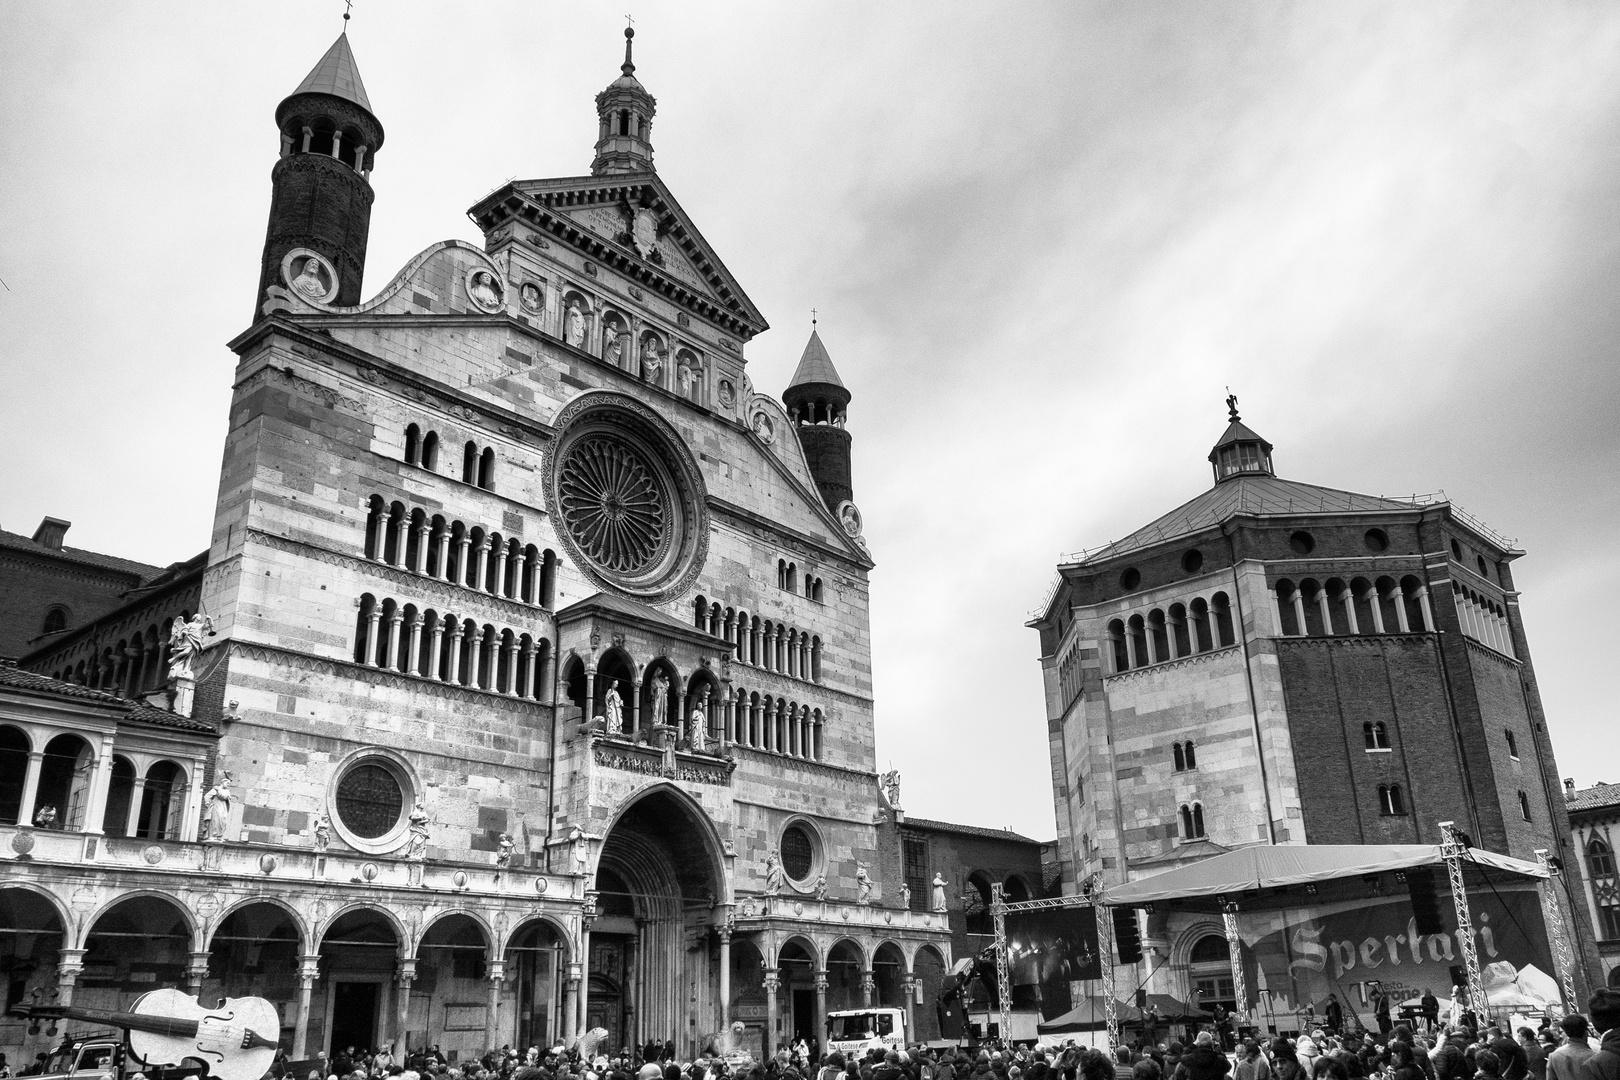 Cattedrale di S. Maria Assunta, duomo di Cremona